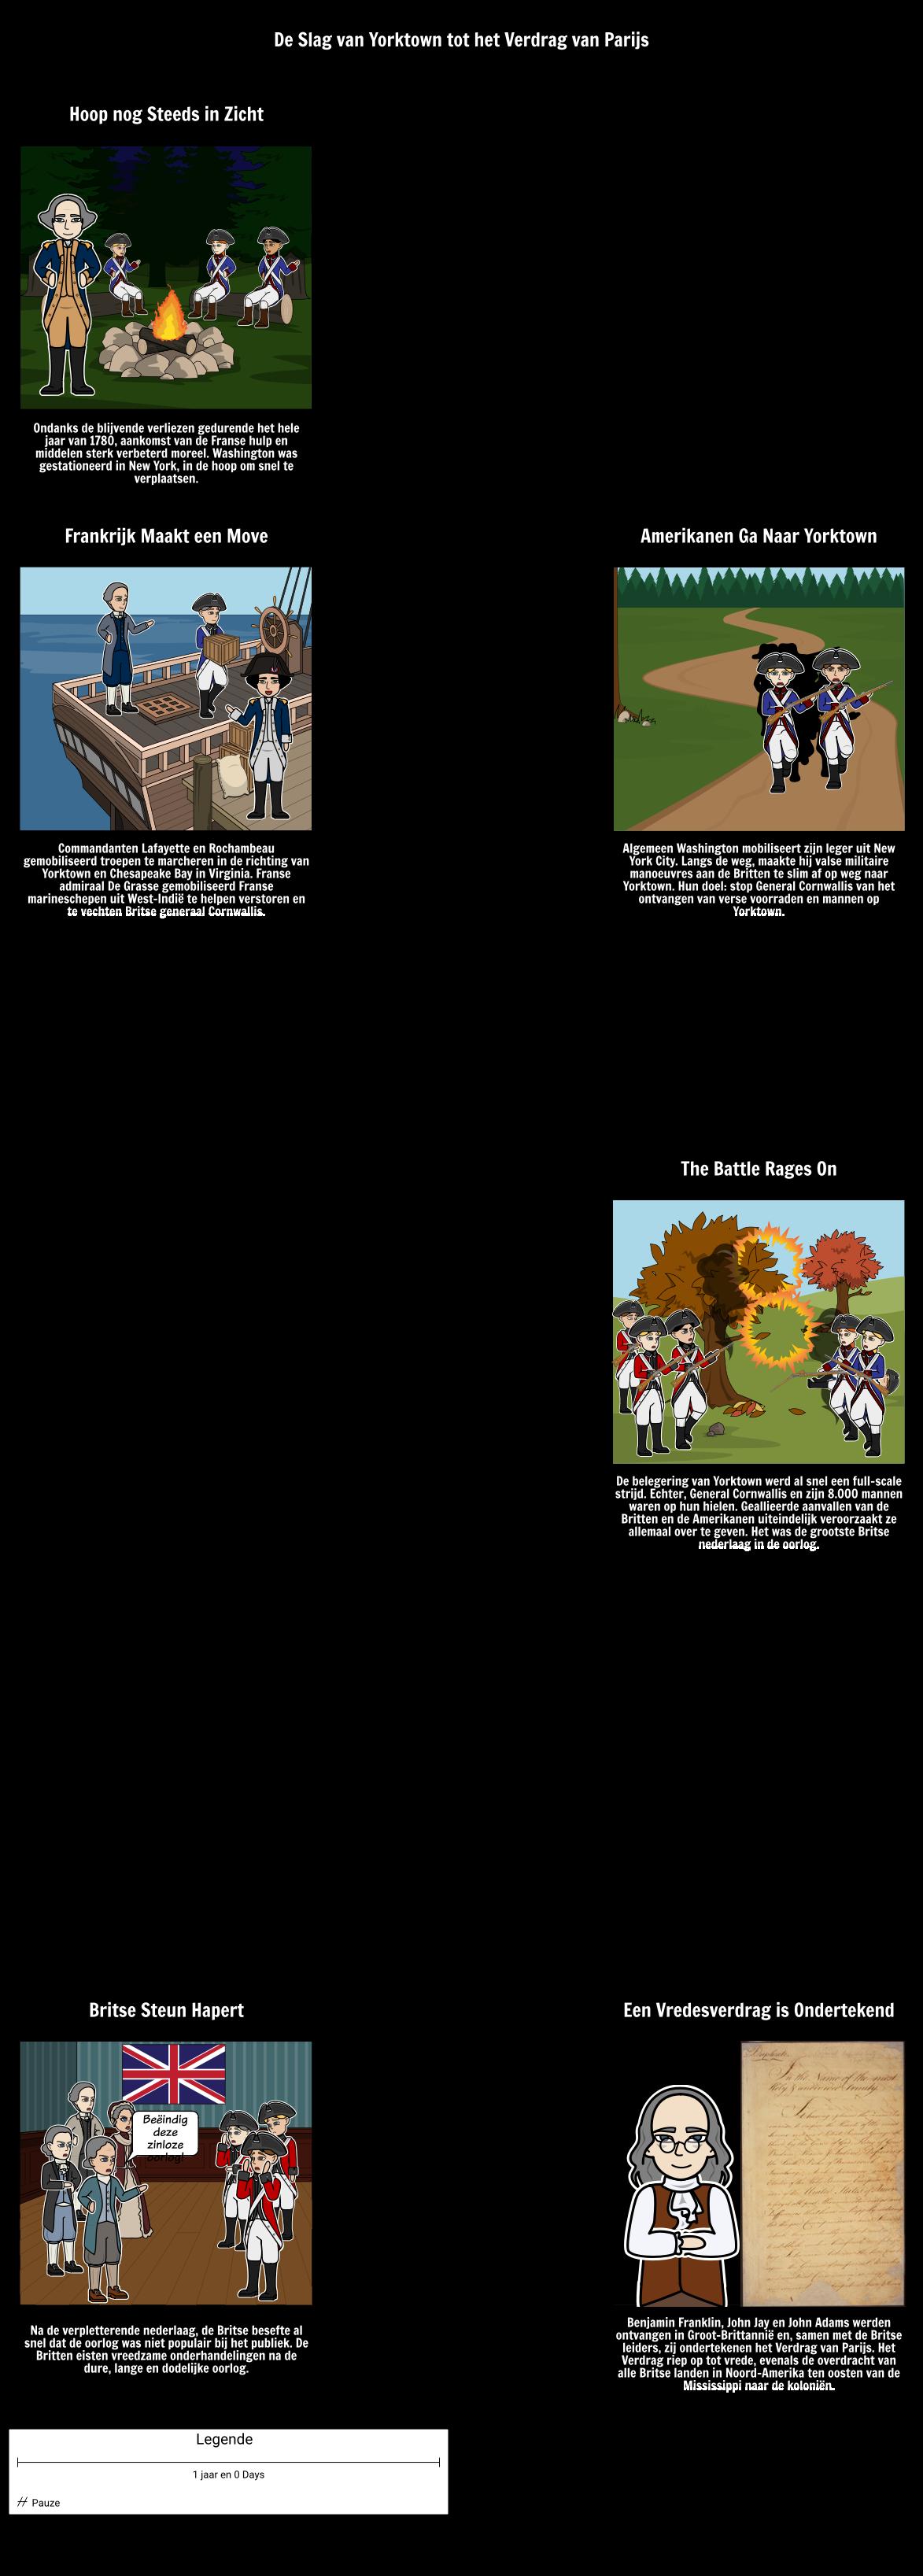 De Slag van Yorktown aan de Ondertekening van het Verdrag van Parijs